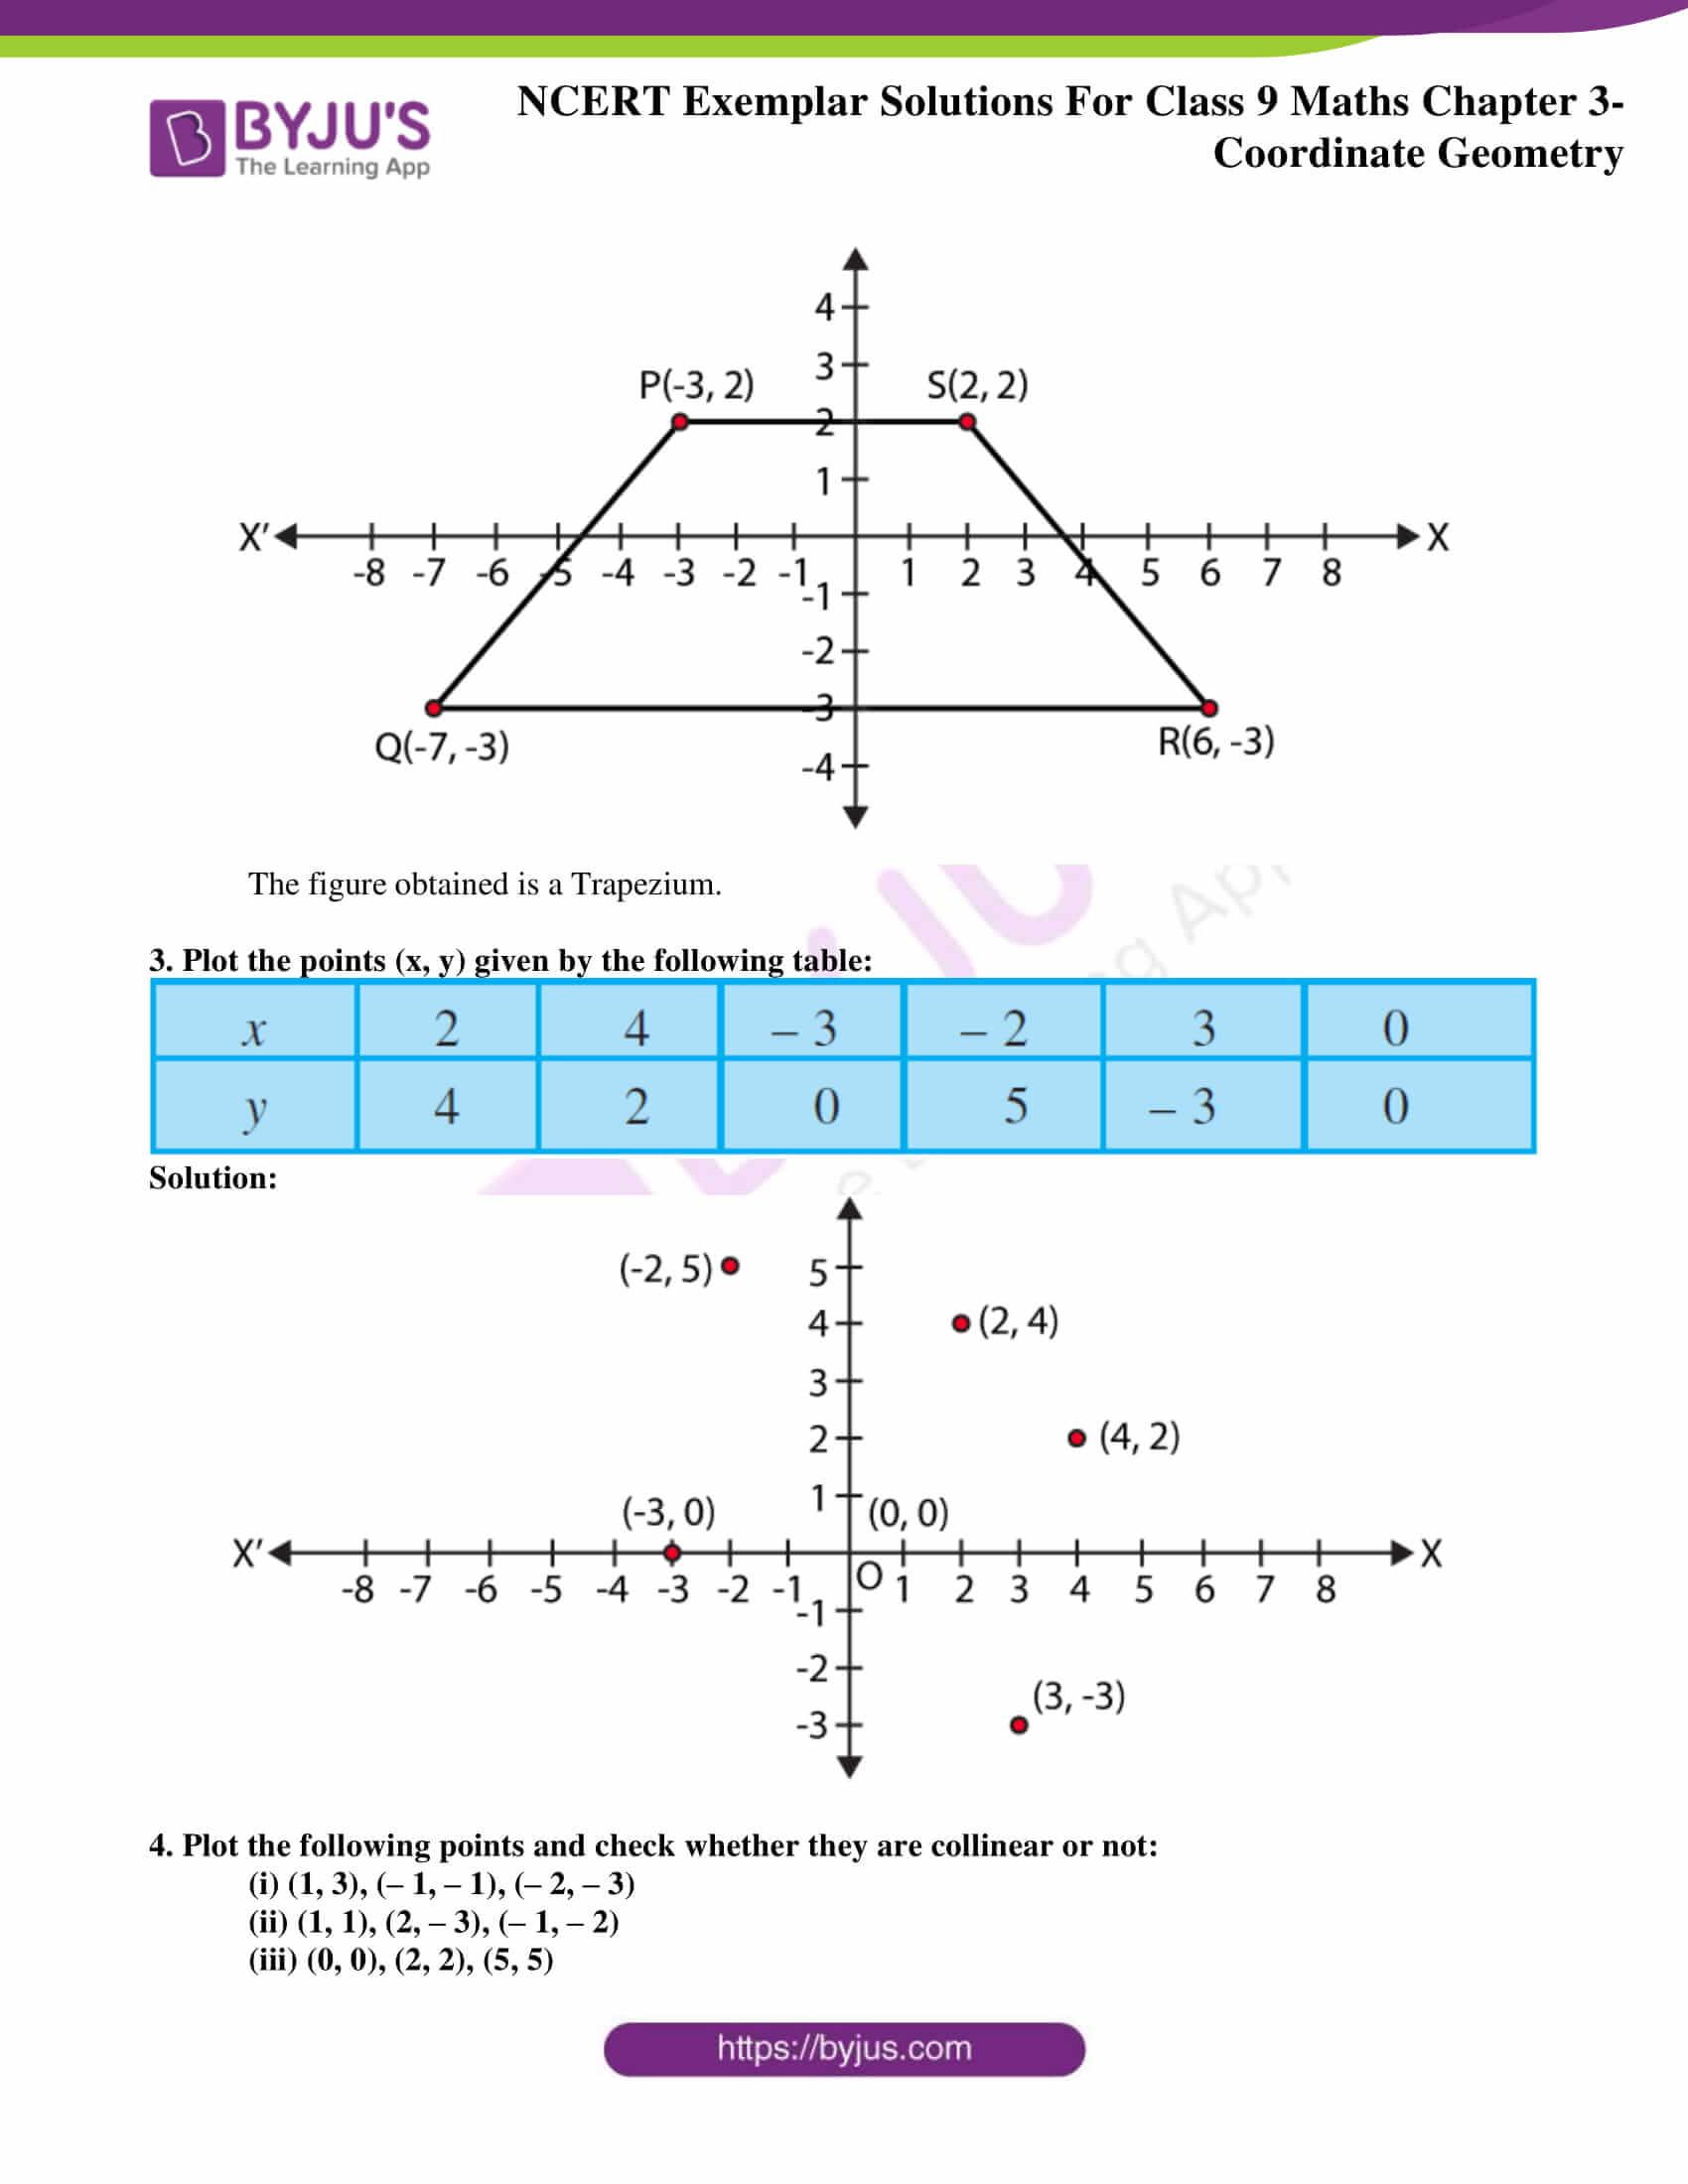 NCERT Exemplar Solutions for Class 9 Maths Chapter 3 07